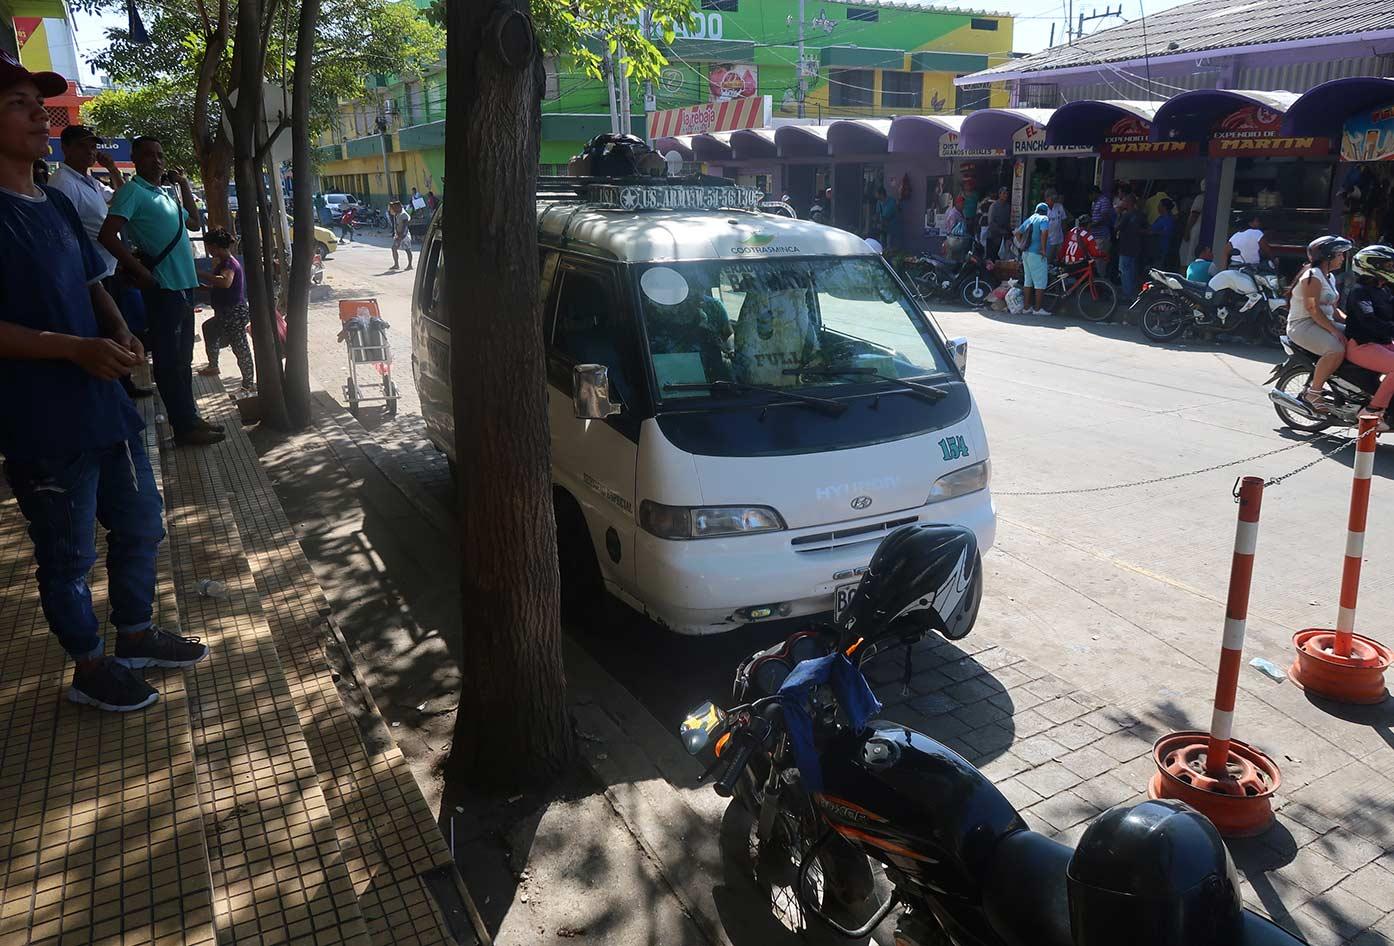 cartagena to santa marta by bus